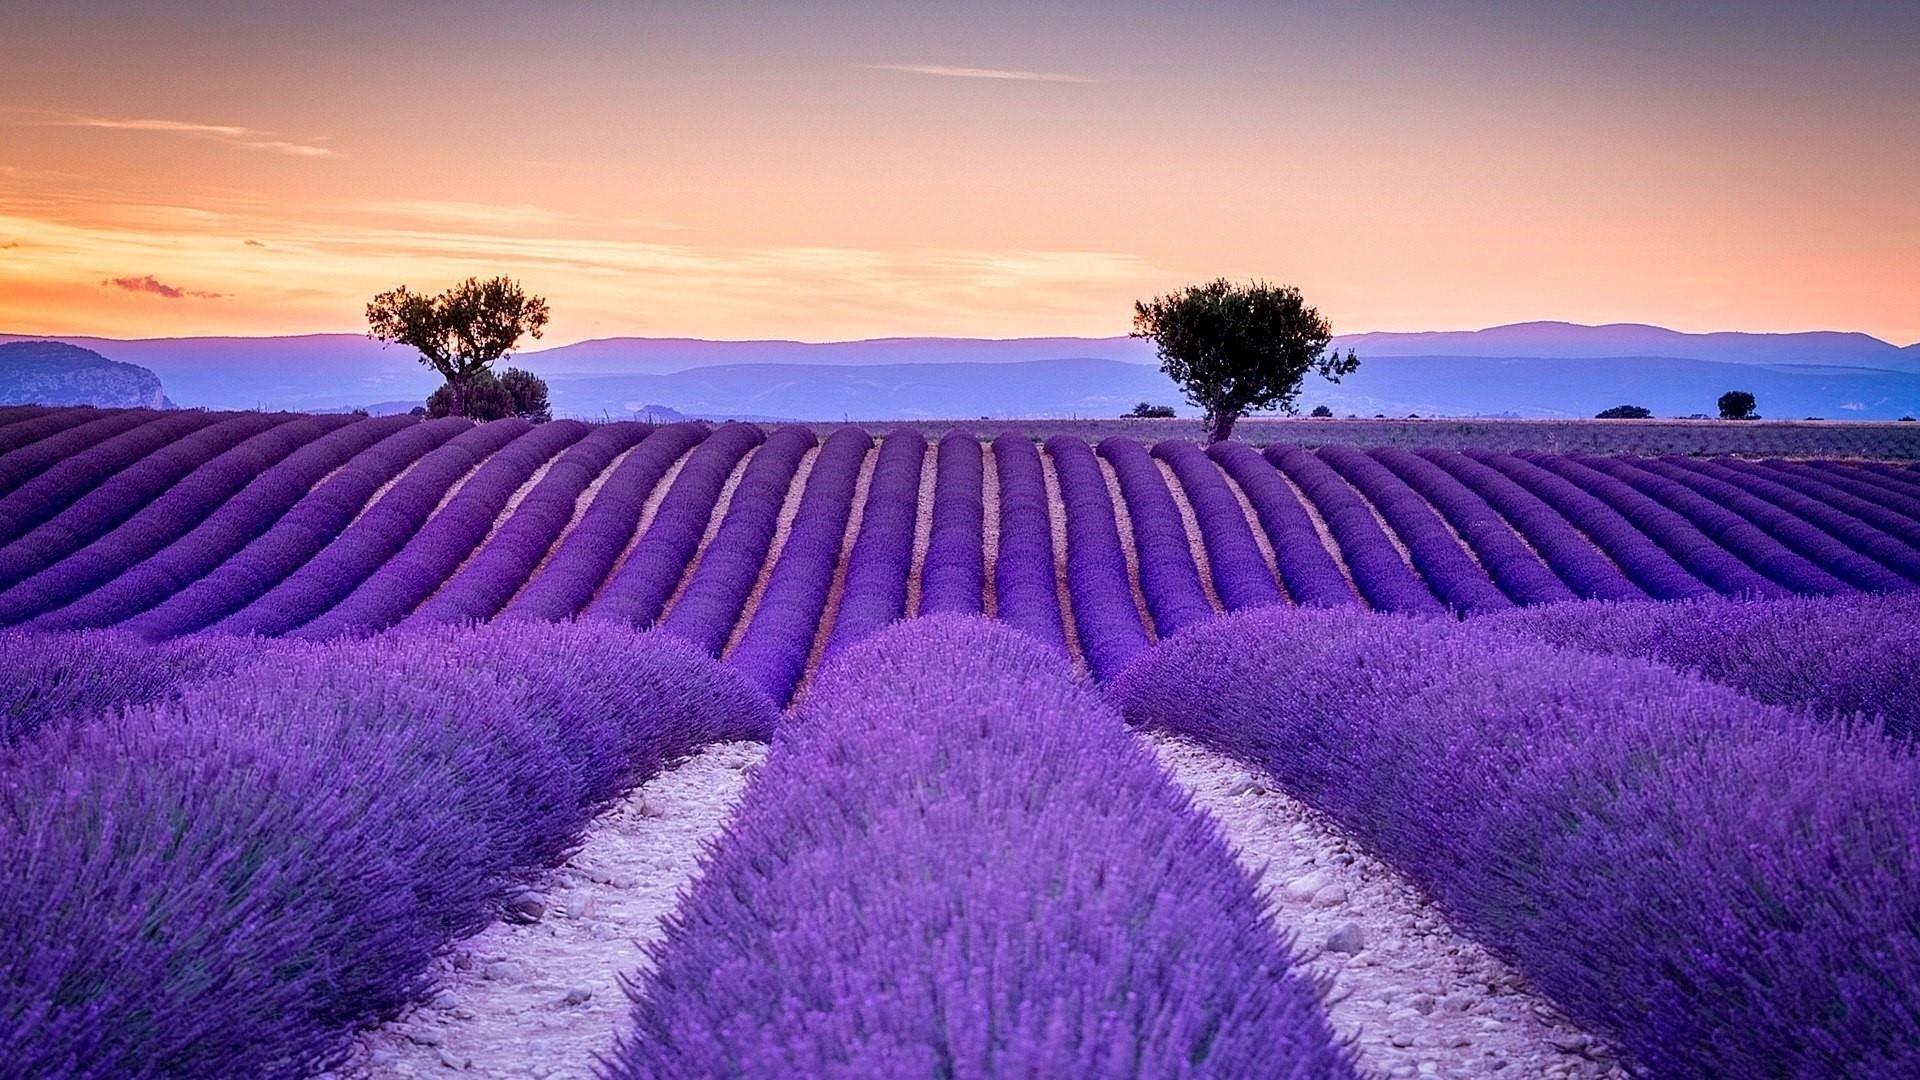 Lavender Download Wallpaper